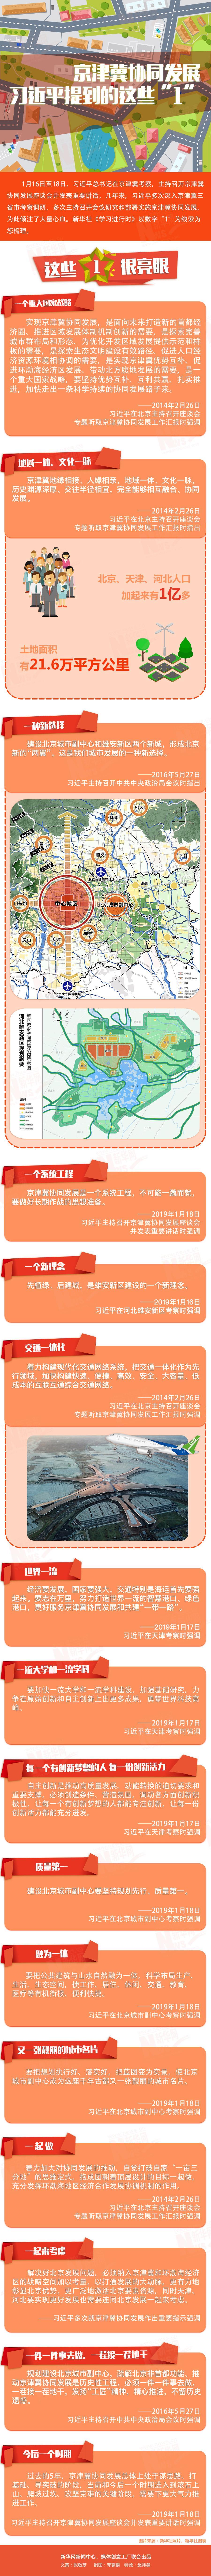 """京津冀协同发展,习近平提到的这些""""1"""""""